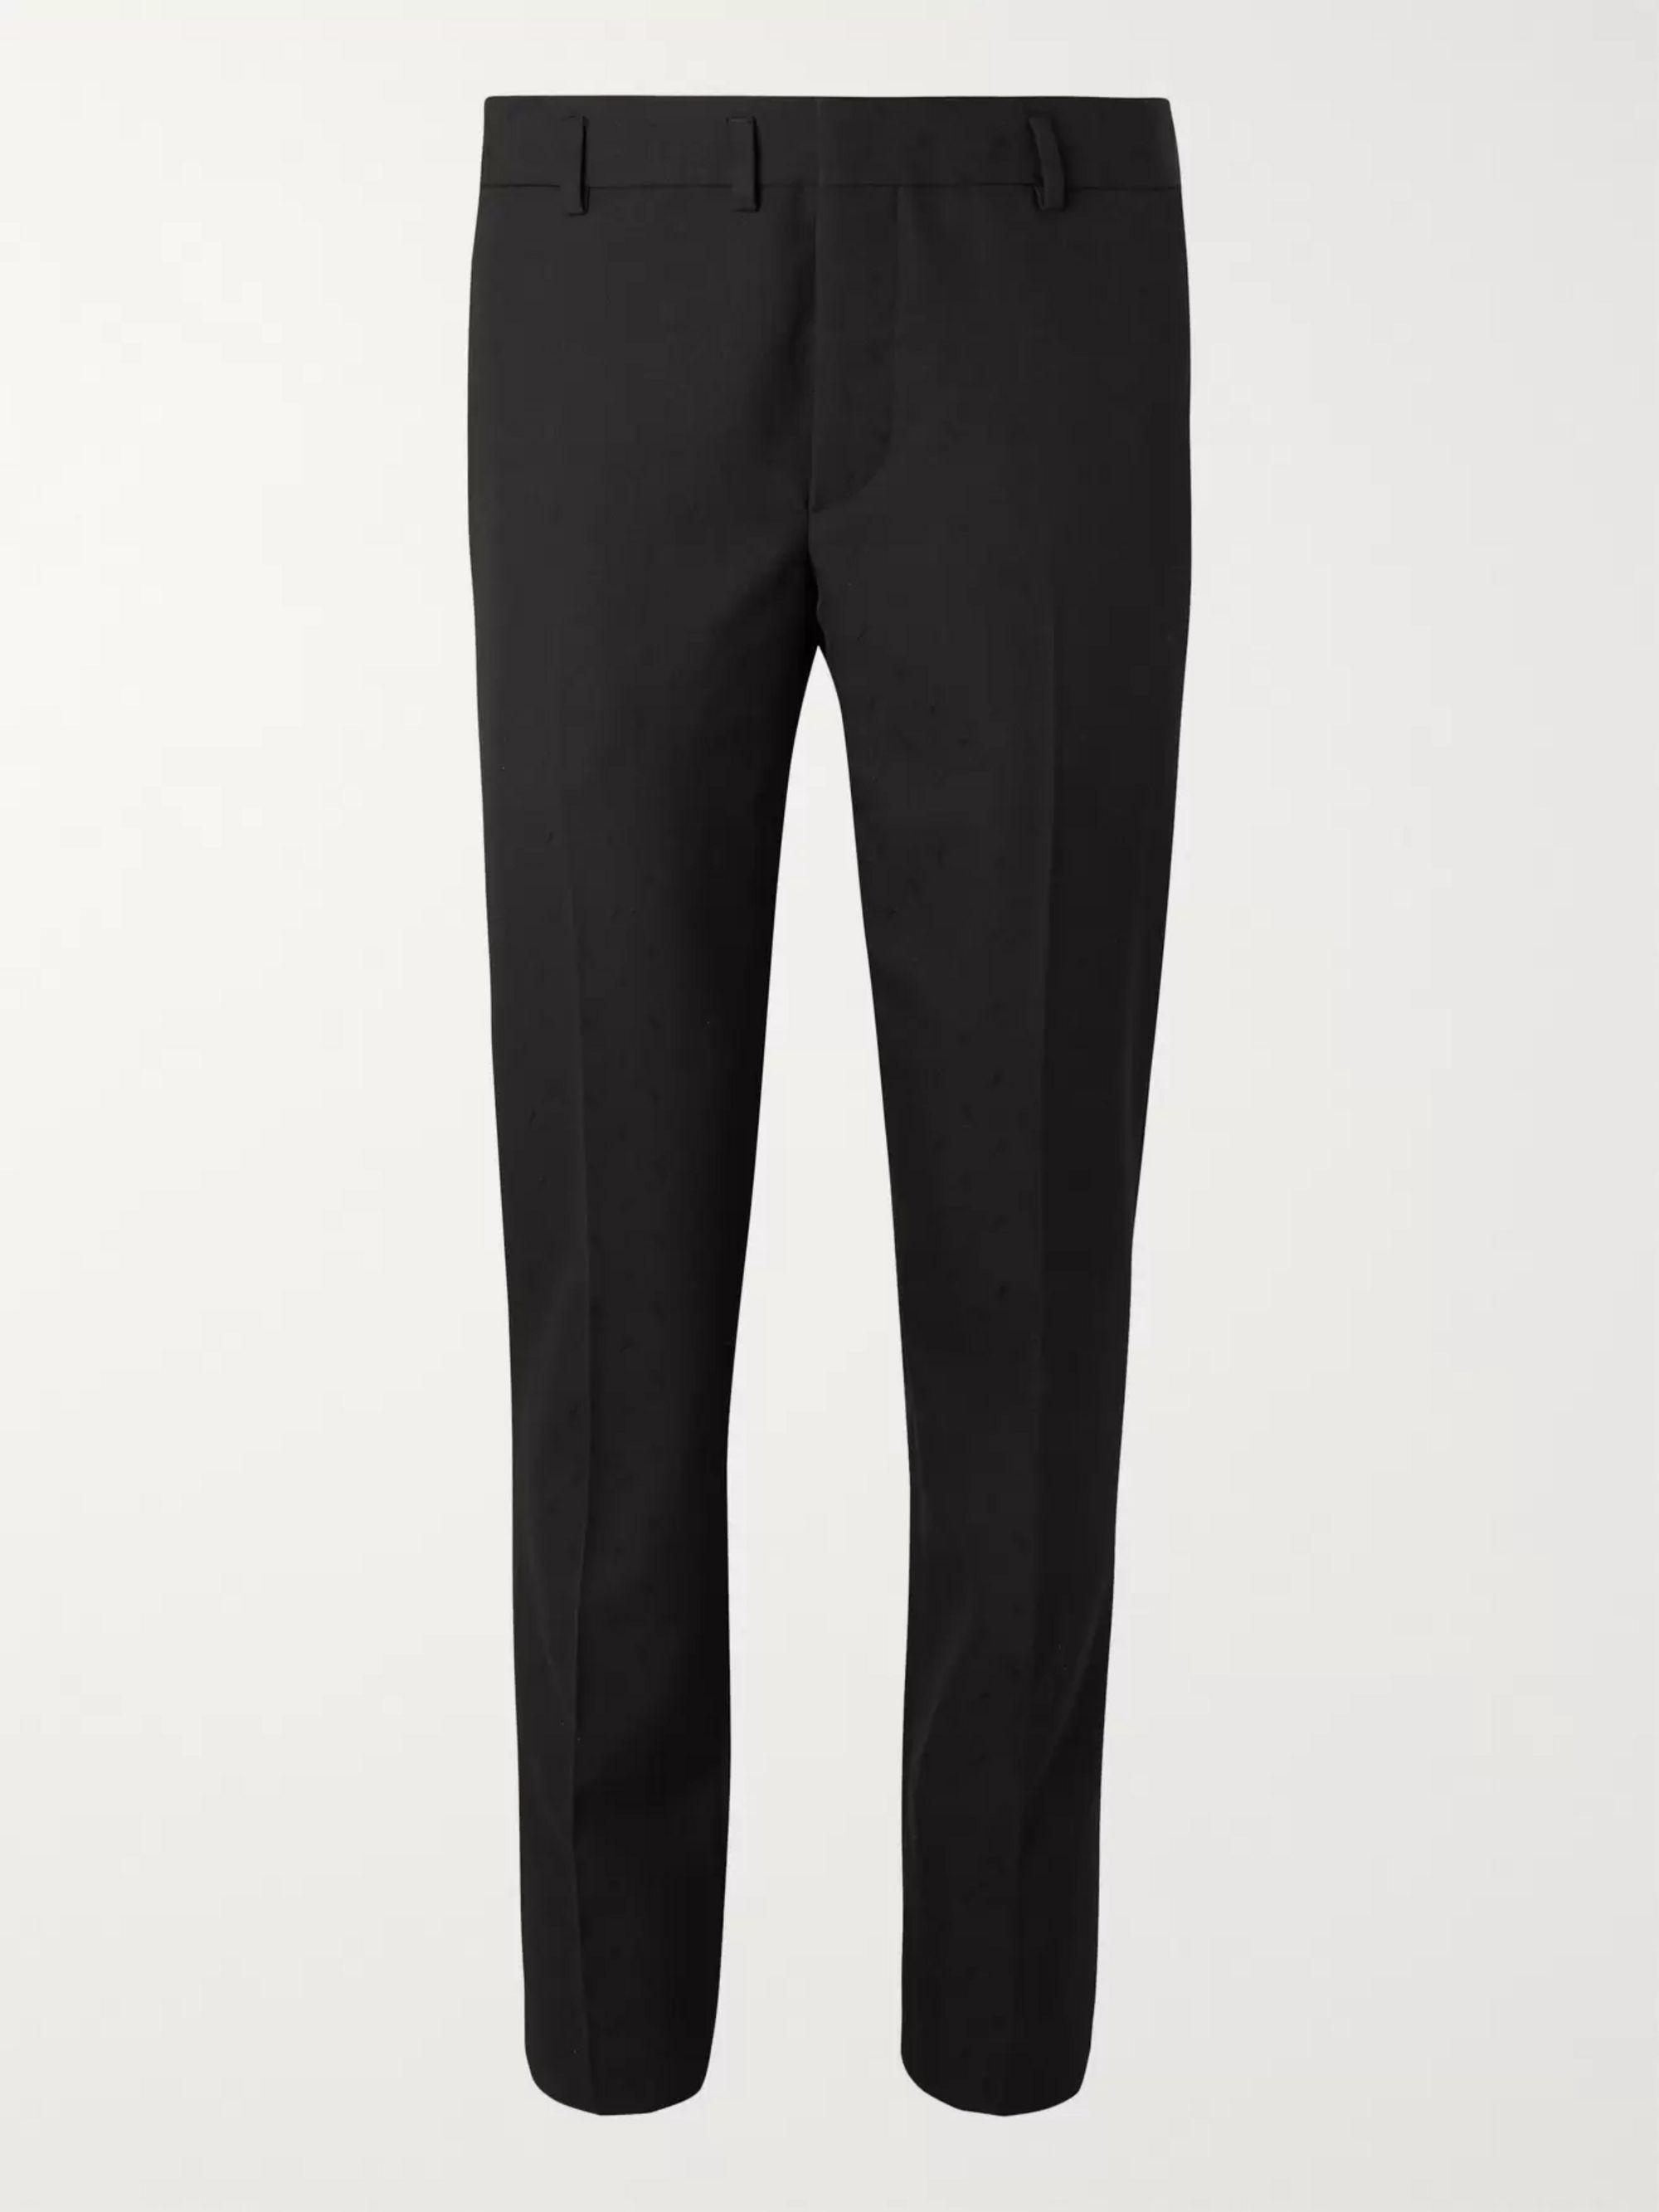 Black Slim Fit Virgin Wool Jacquard Suit Trousers by Saint Laurent